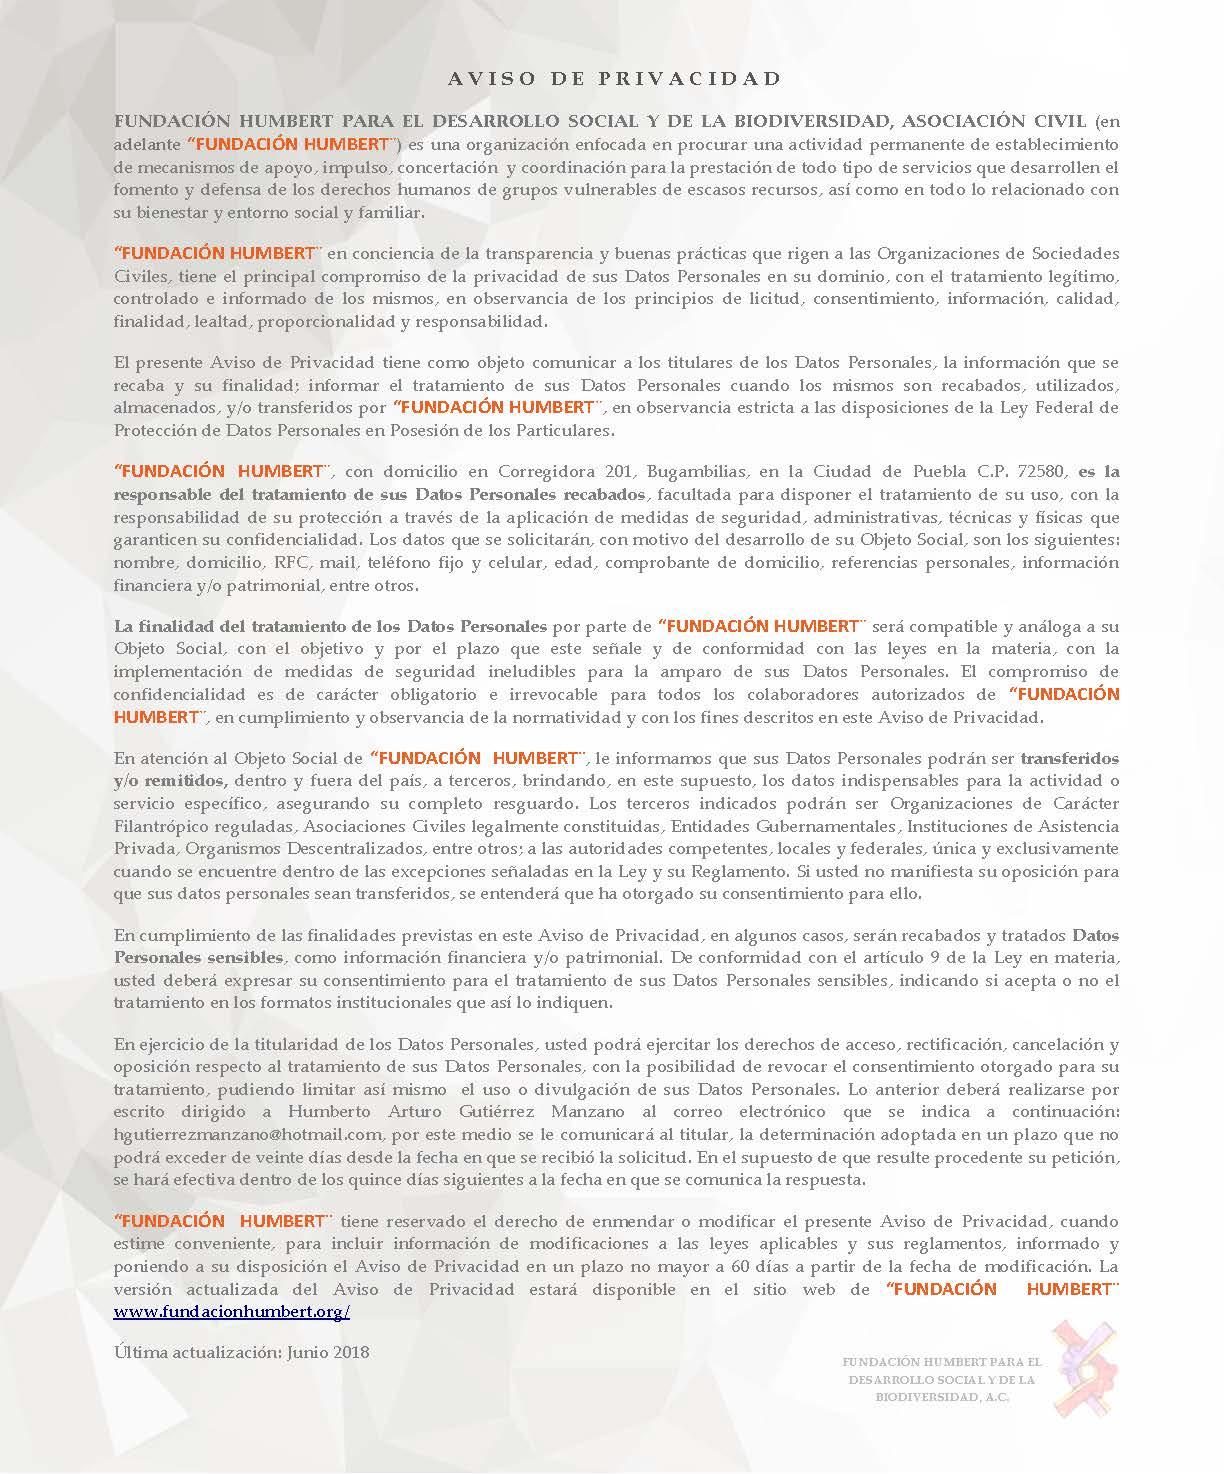 AVISO DE PRIVACIDAD (Página Web)